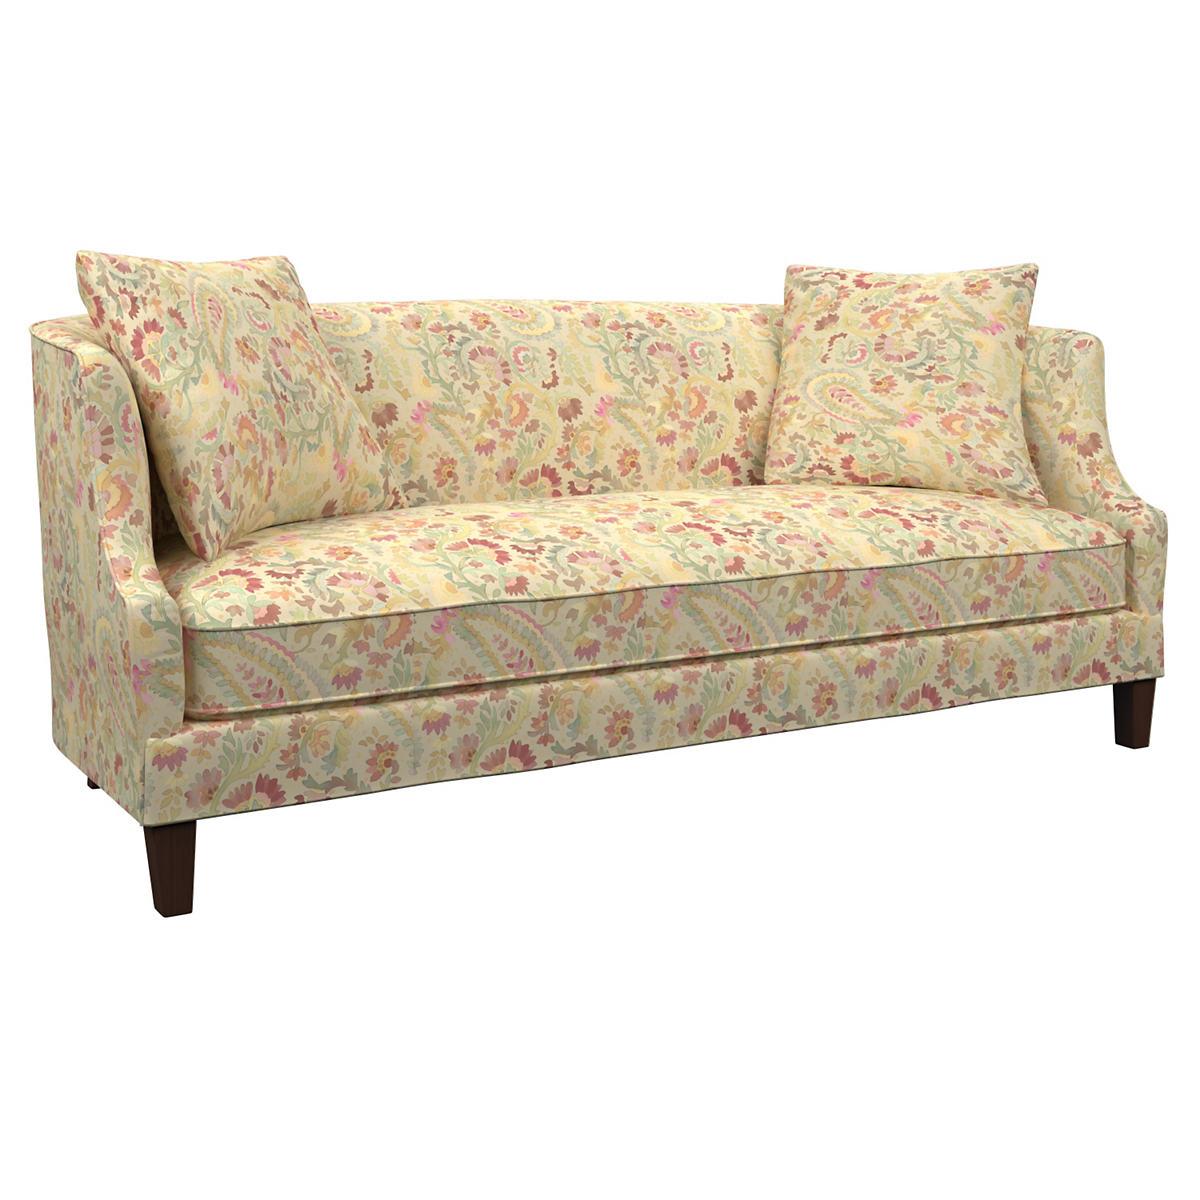 Ines Linen Cheshire Sofa